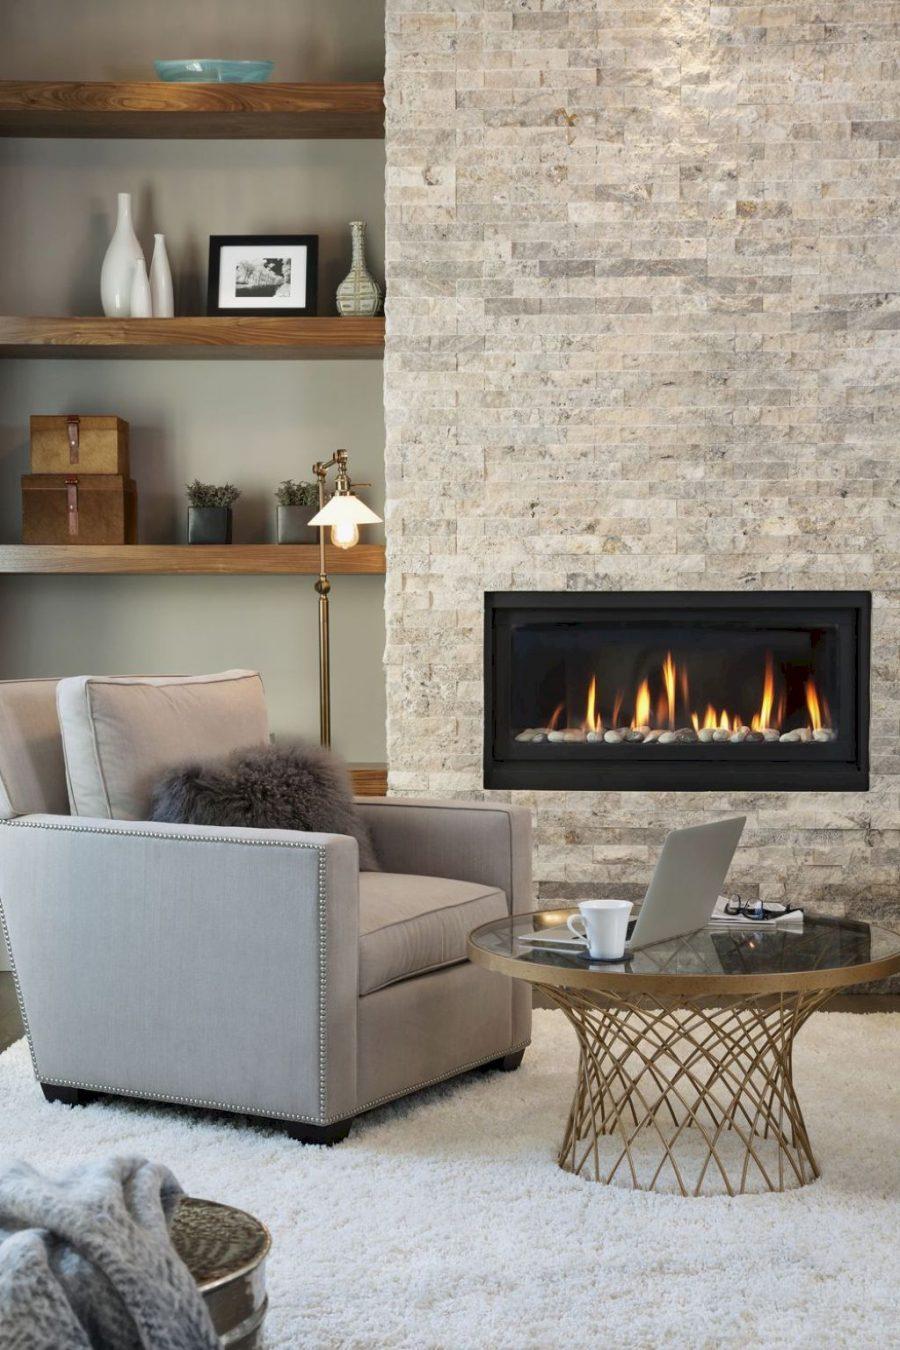 Эти секреты по размещению мебели, помогут вам улучшить ваш дом! секреты по размещению мебели Эти секреты по размещению мебели, помогут вам улучшить ваш дом!